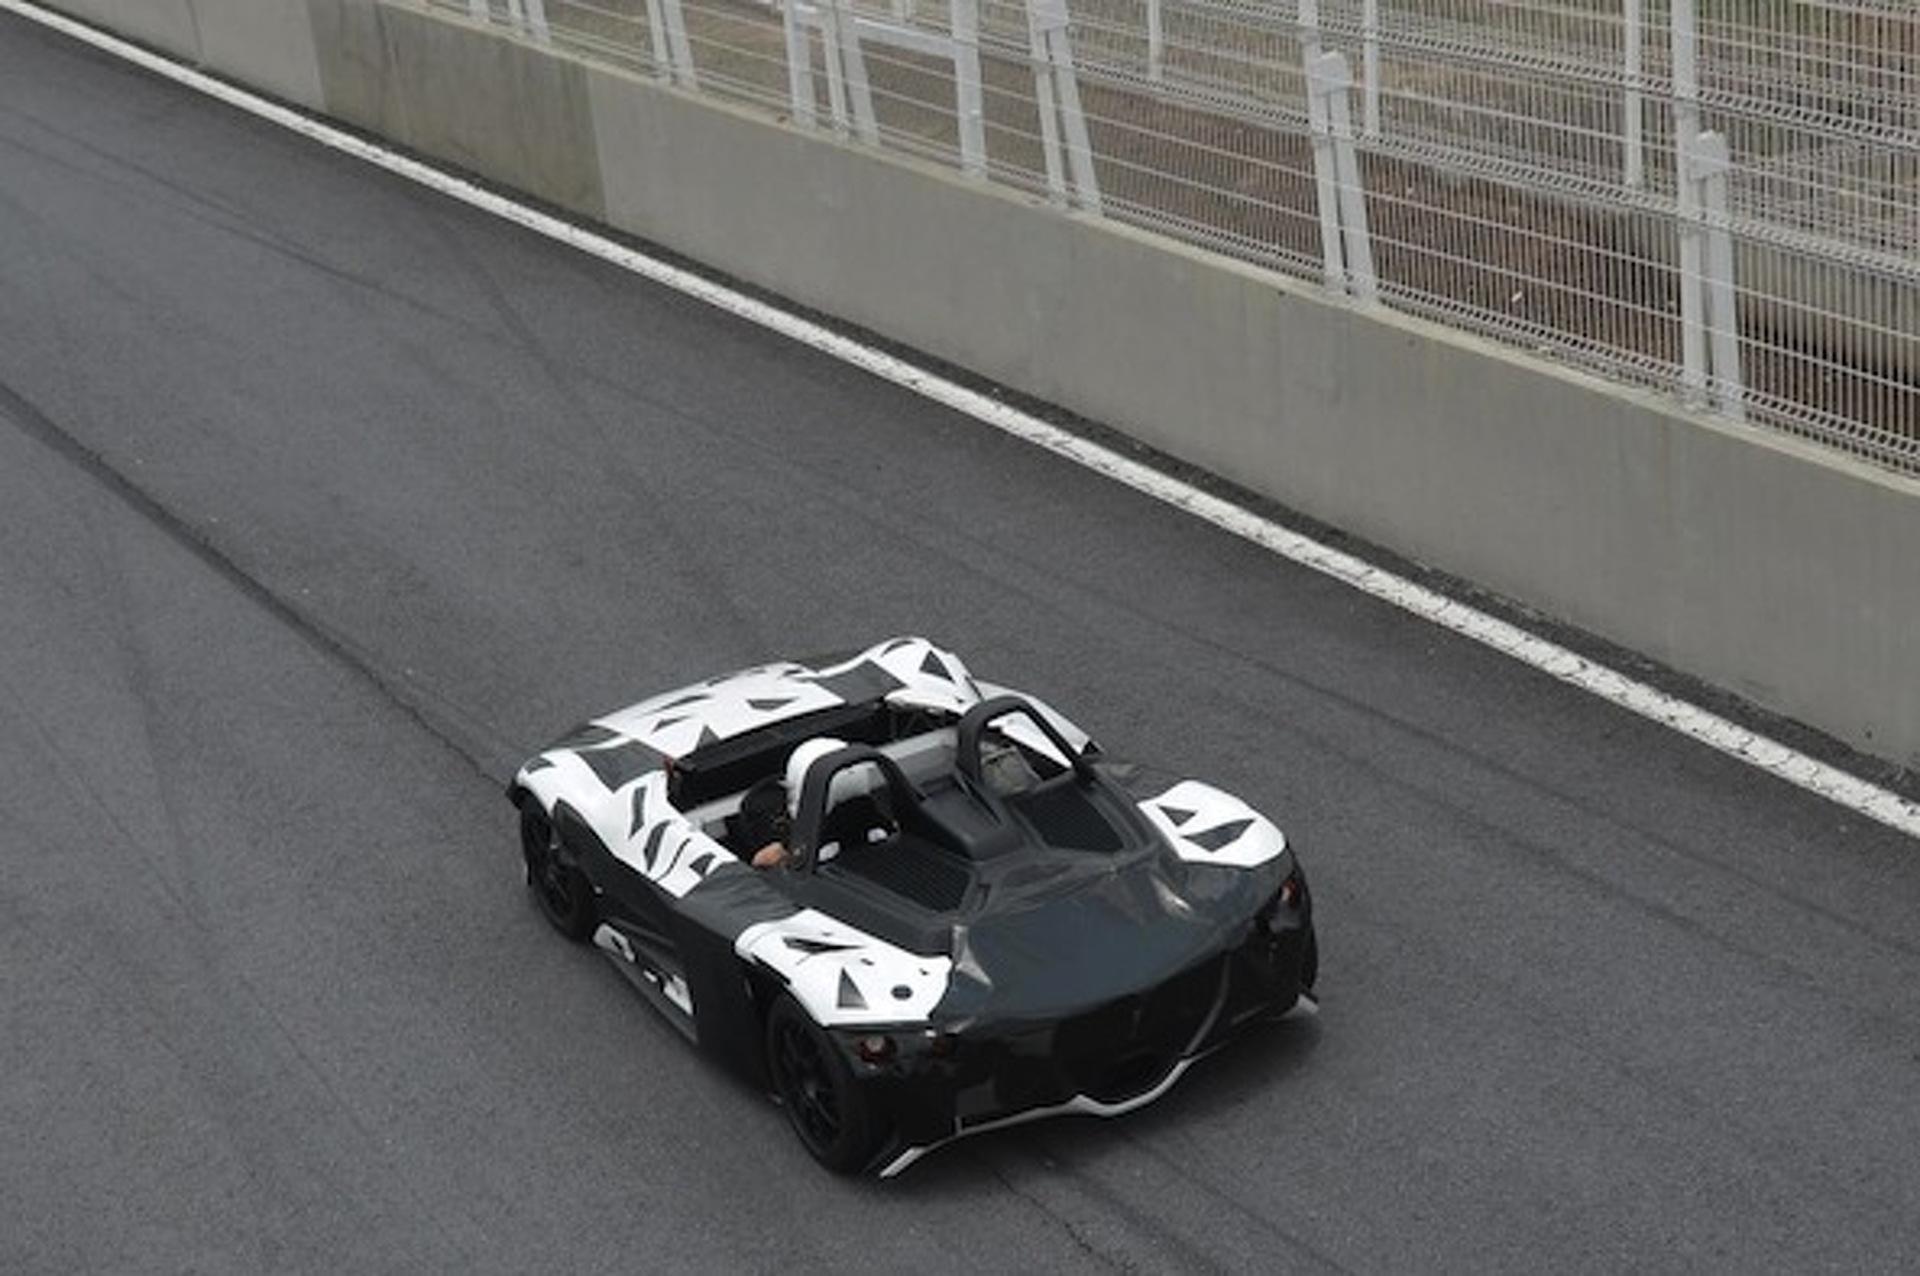 Vuhl Teases 05 Supercar ahead of Goodwood